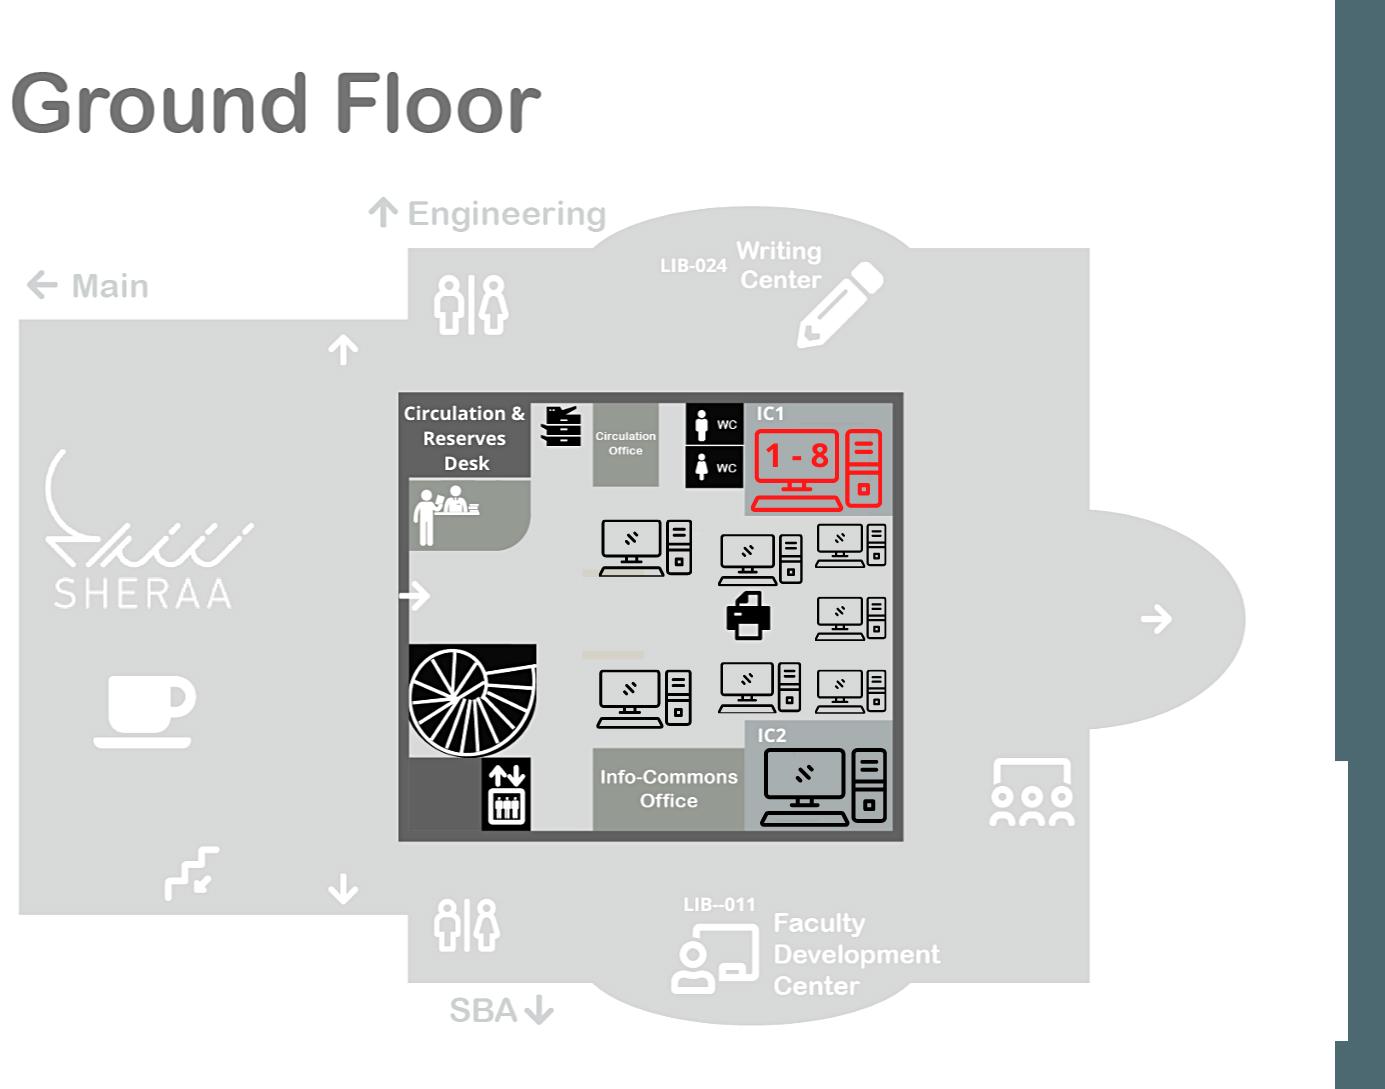 PCs IC1 Ground Floor